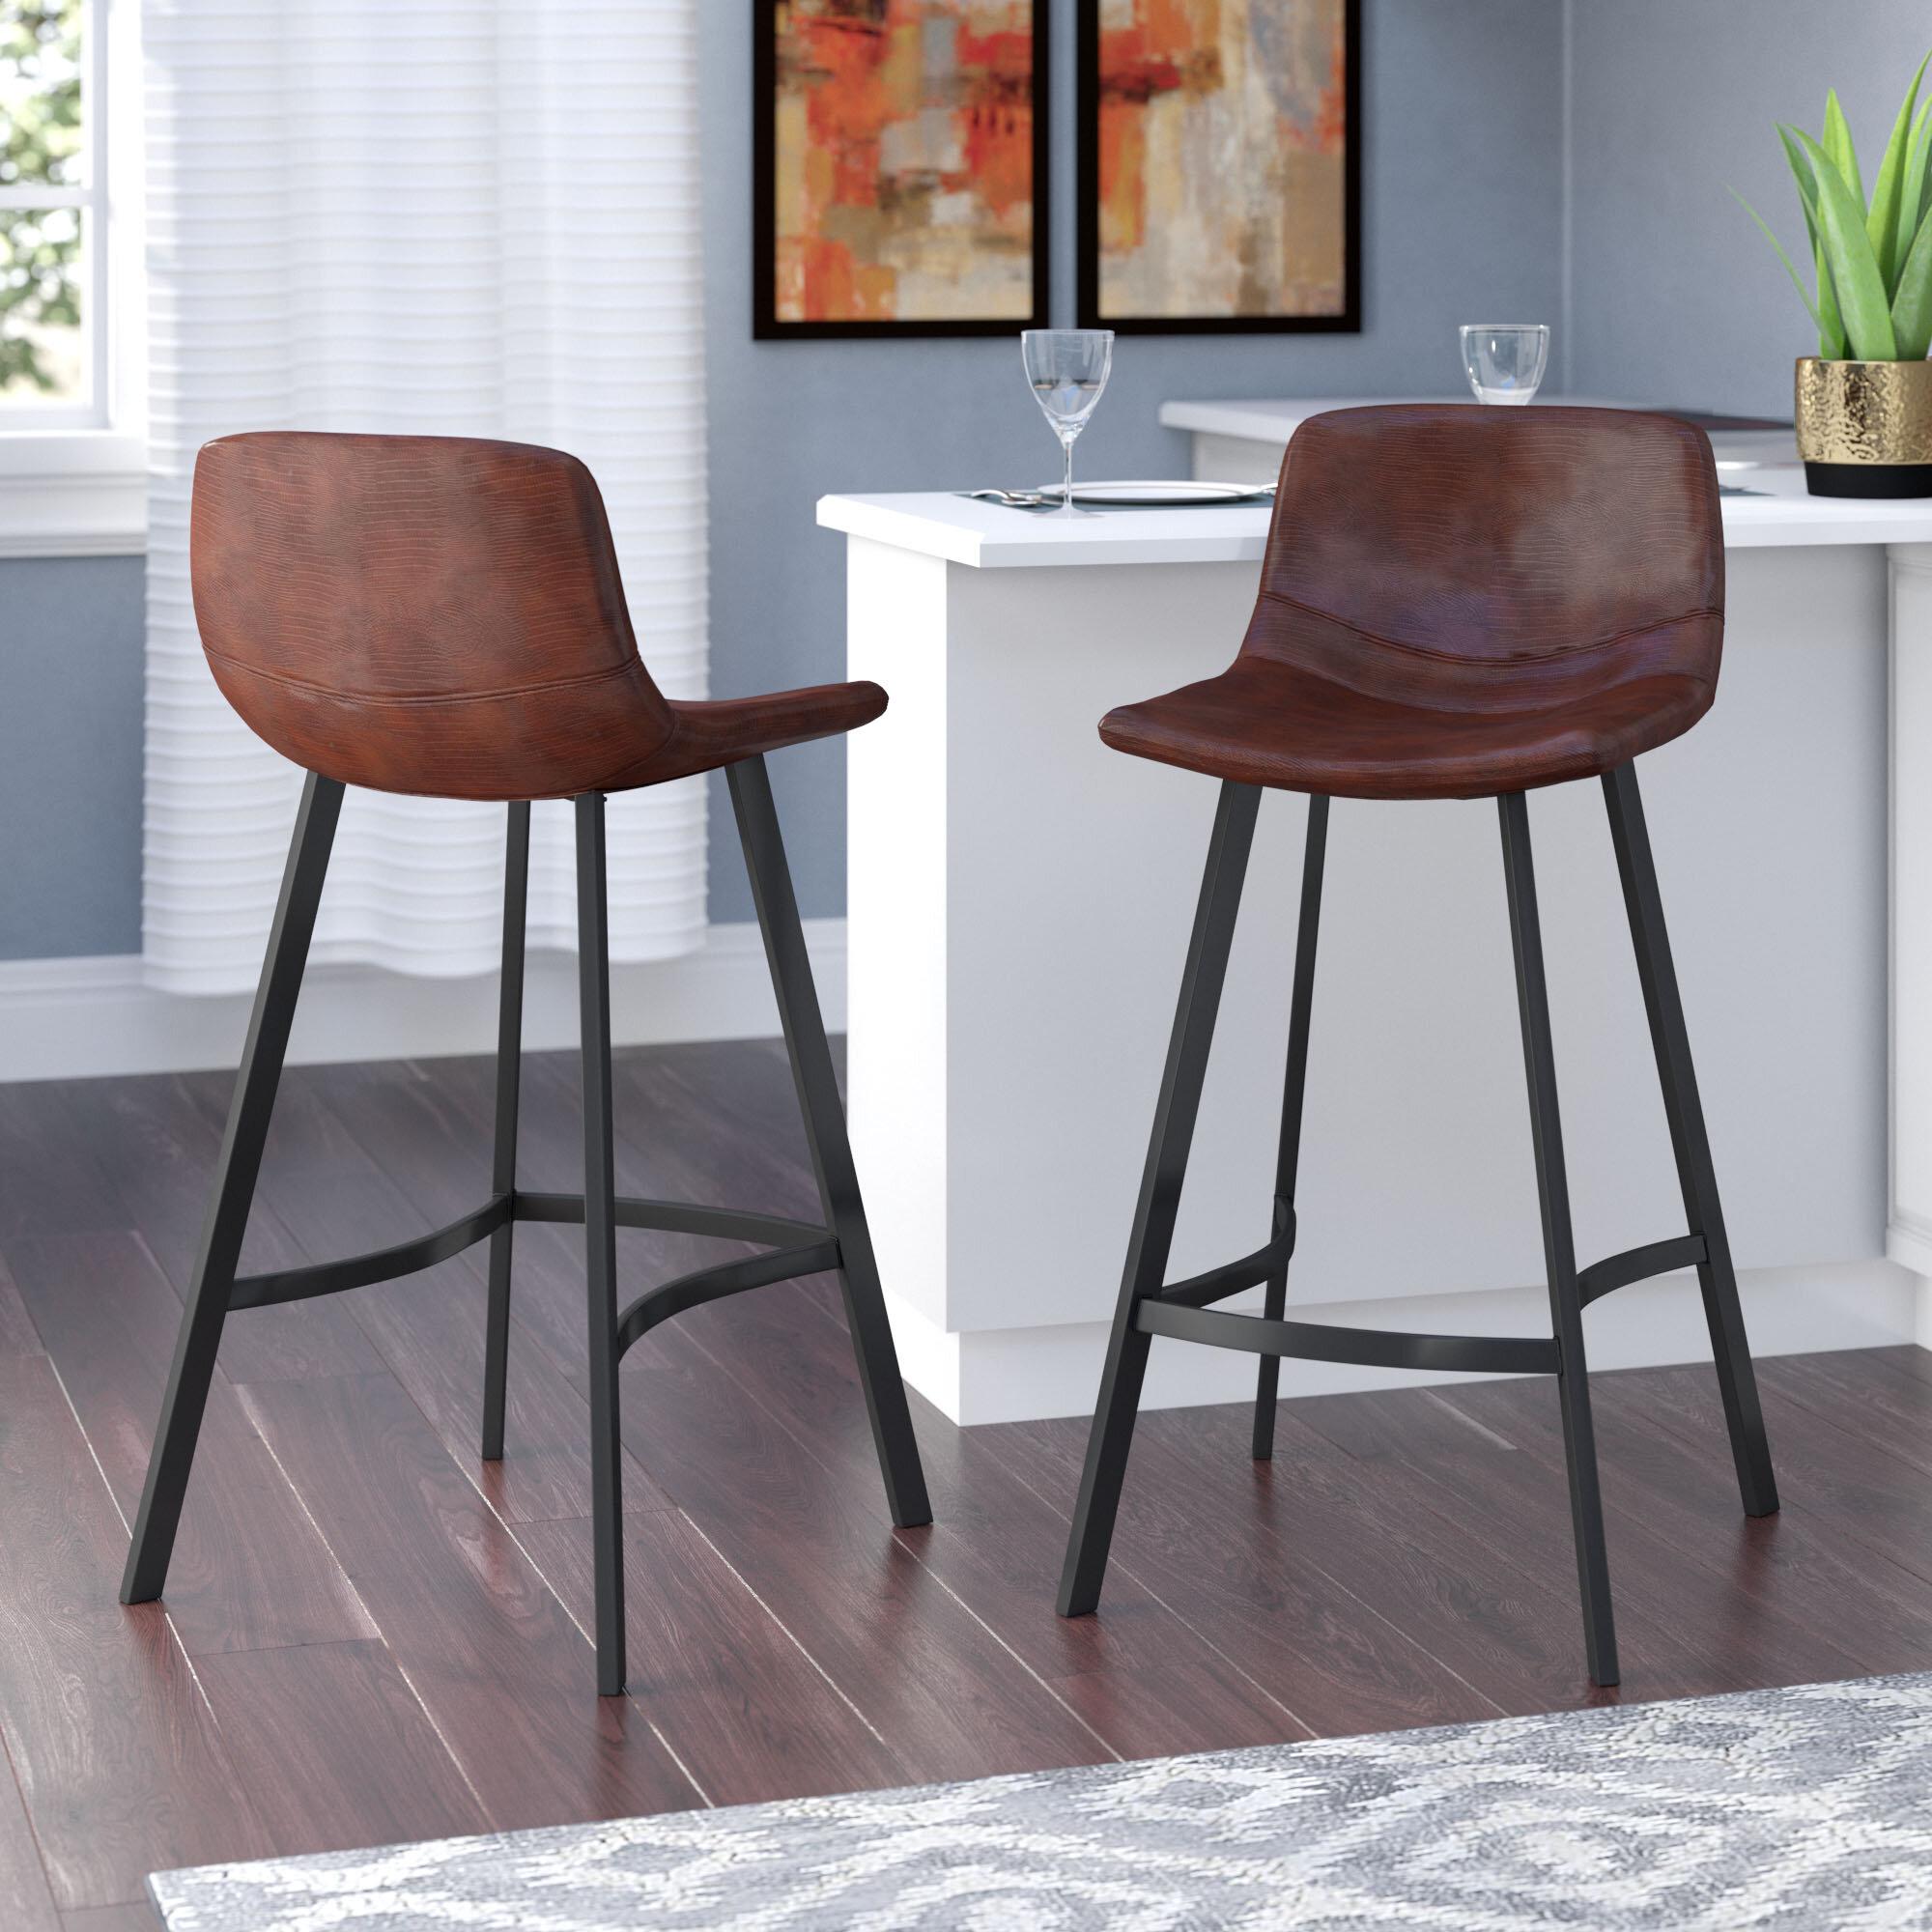 Magnificent Langley Street Taylor Modern 30 Bar Stool Reviews Wayfair Alphanode Cool Chair Designs And Ideas Alphanodeonline